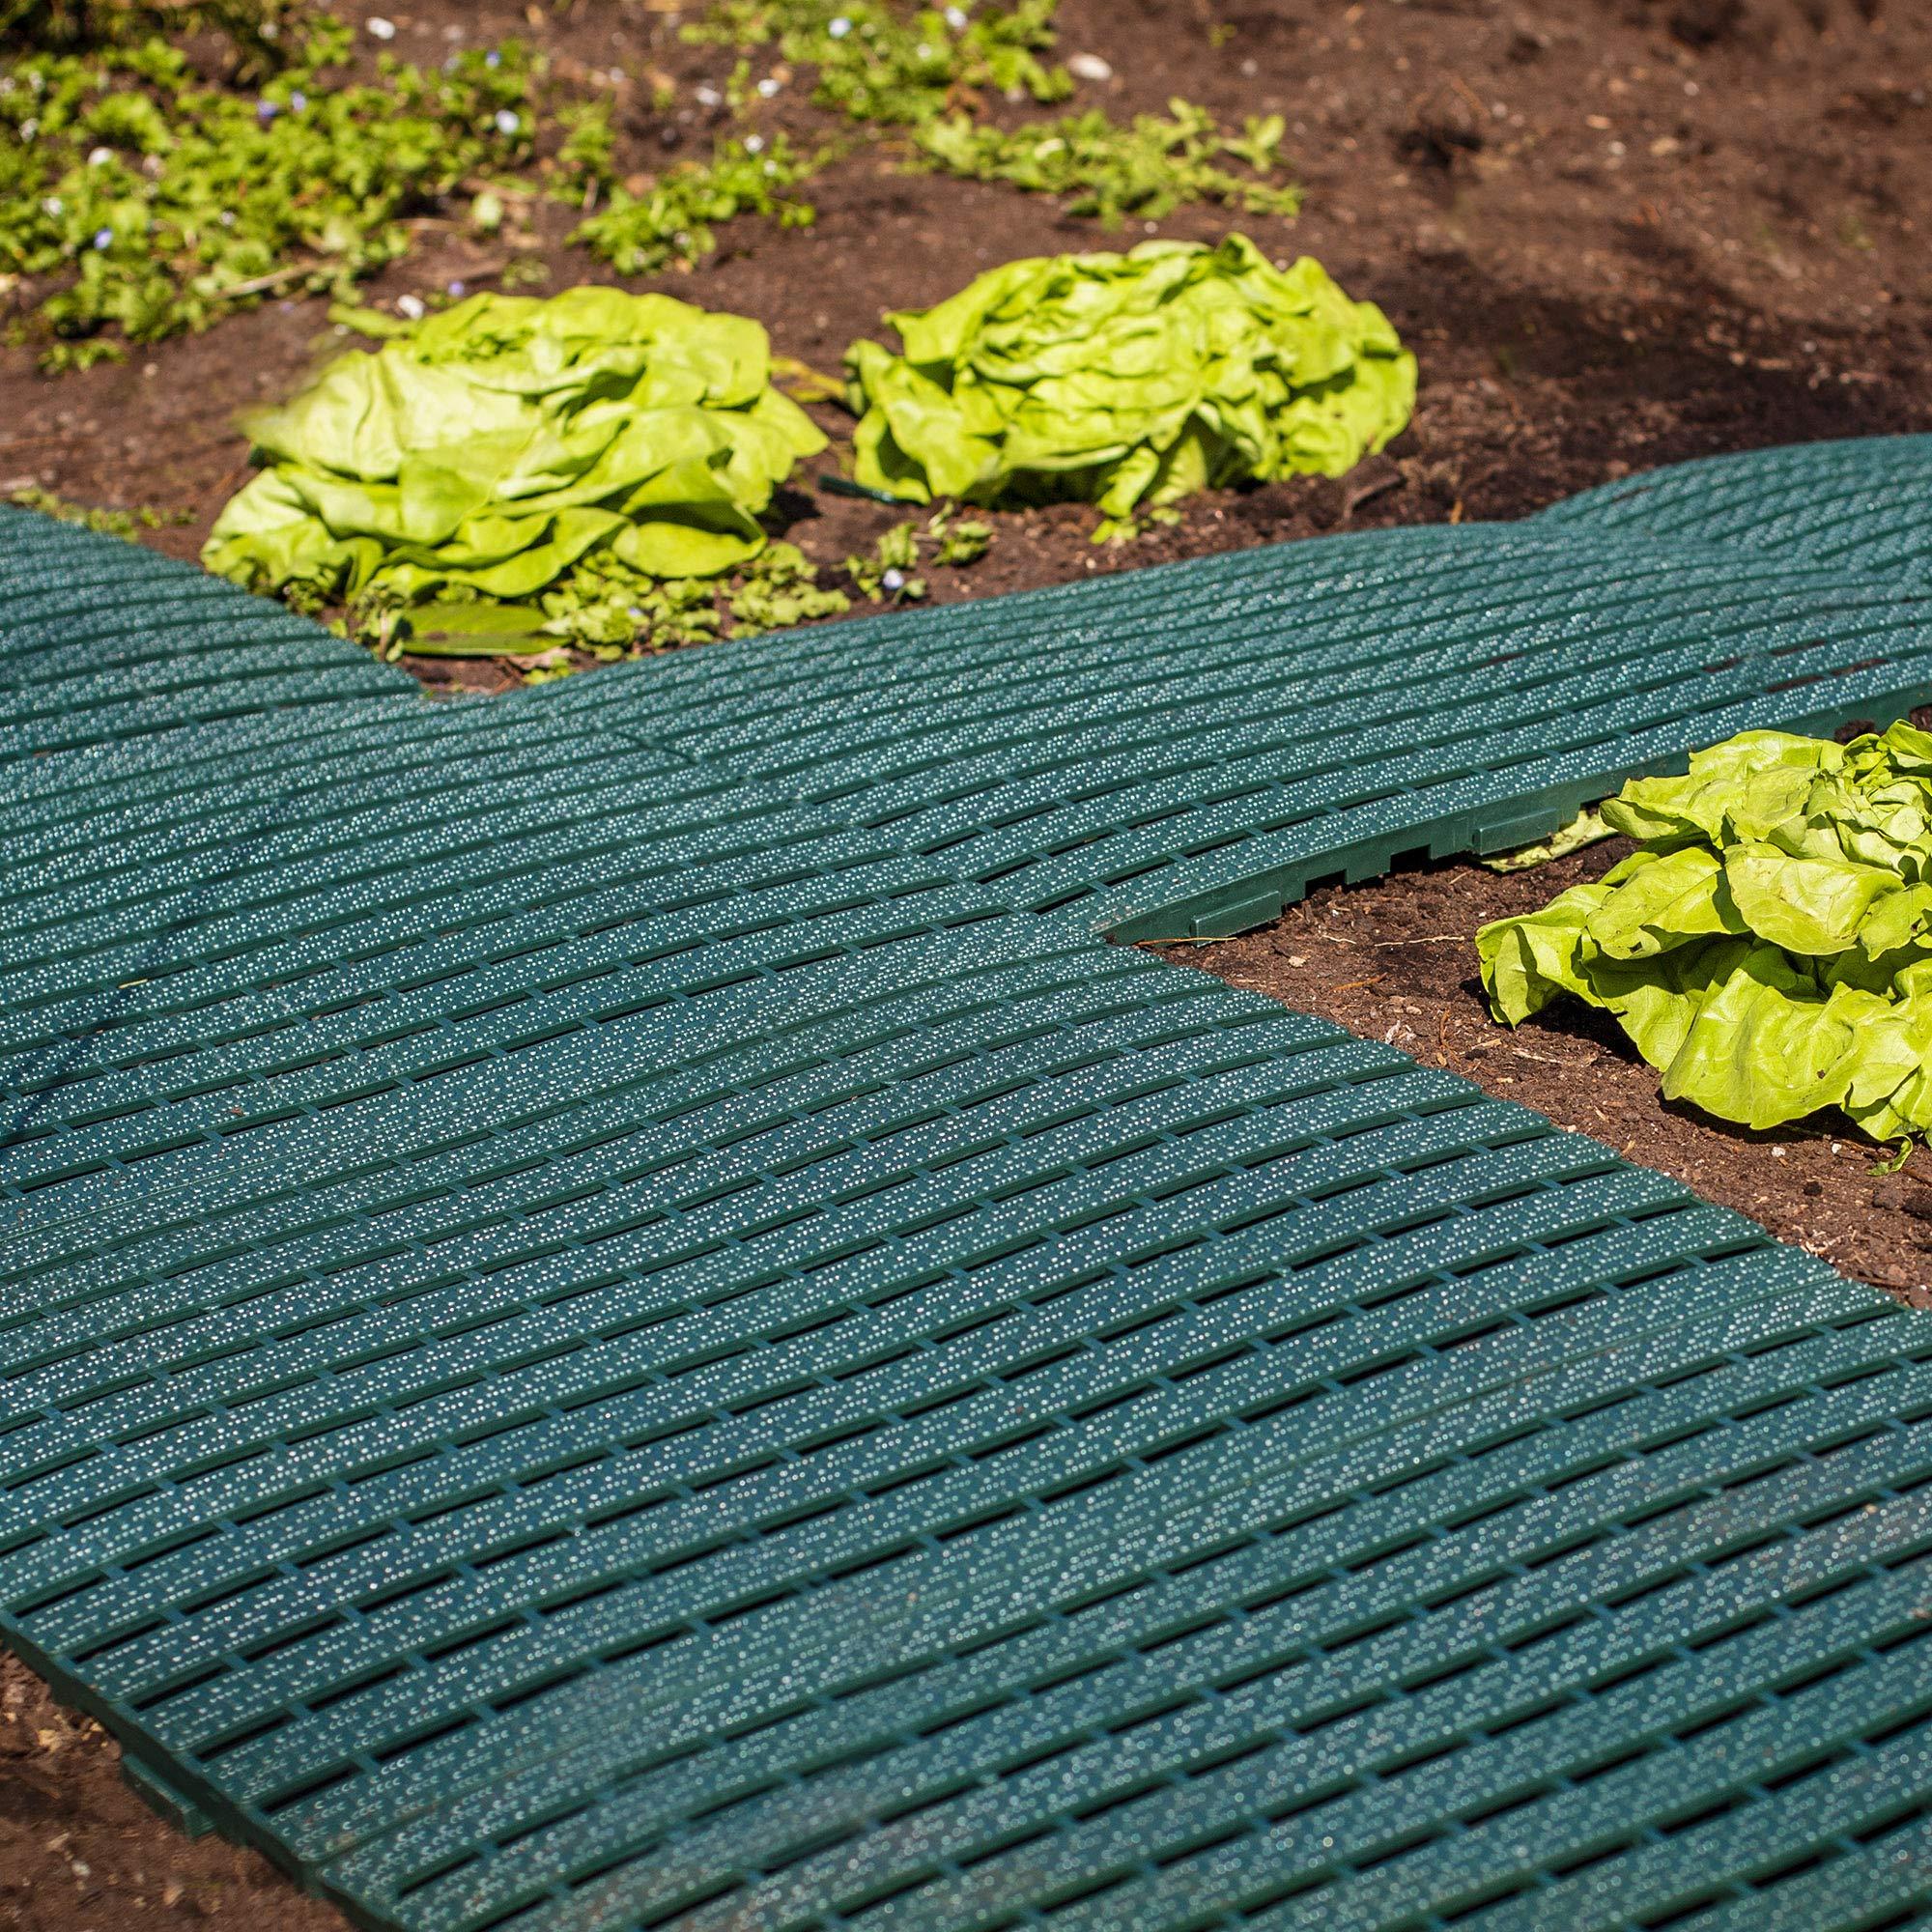 UPP® alfombra de jardín I camino para huerta y jardín I rejilla antideslizante para jardín, balcón, piscina o cualquier superficie (4 placas): Amazon.es: Bricolaje y herramientas